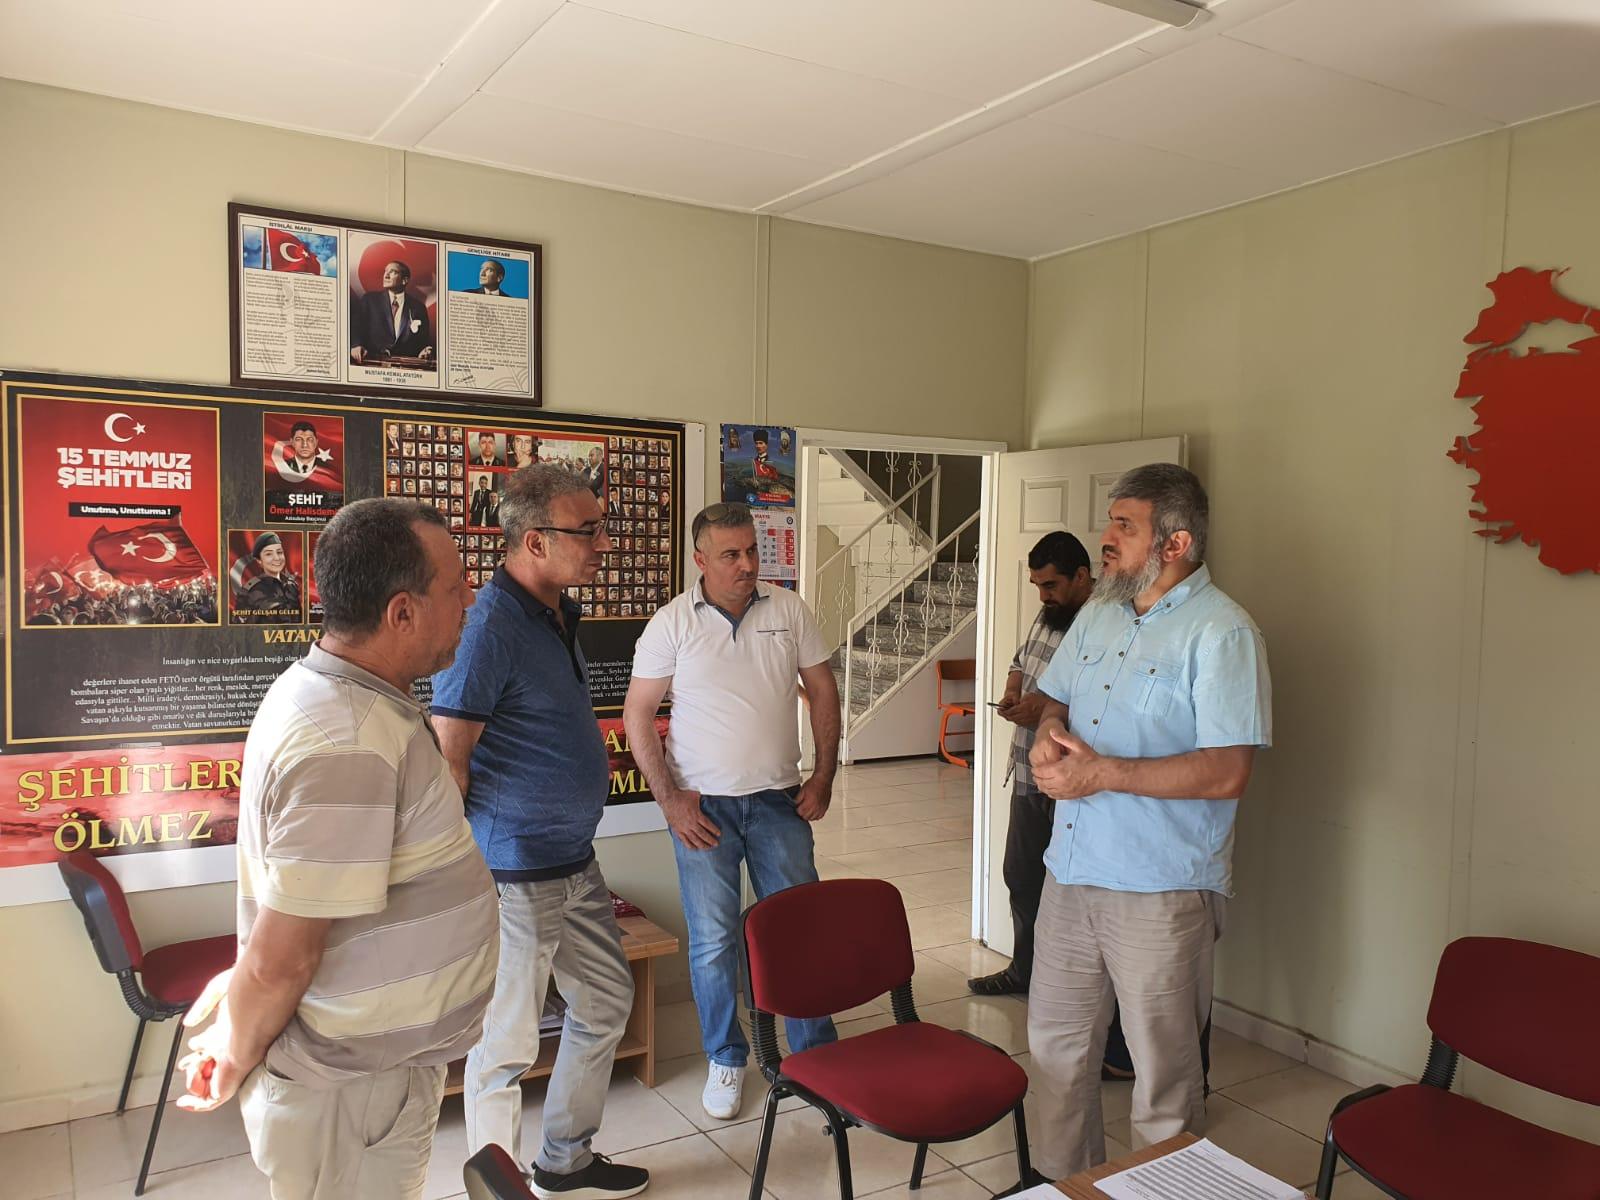 Umut yetimhanesi ziyaretçilerini ağırladı - Haberler - İnsanı İnşa Derneği İİD. Uluslararası Yardım Kuruluşu